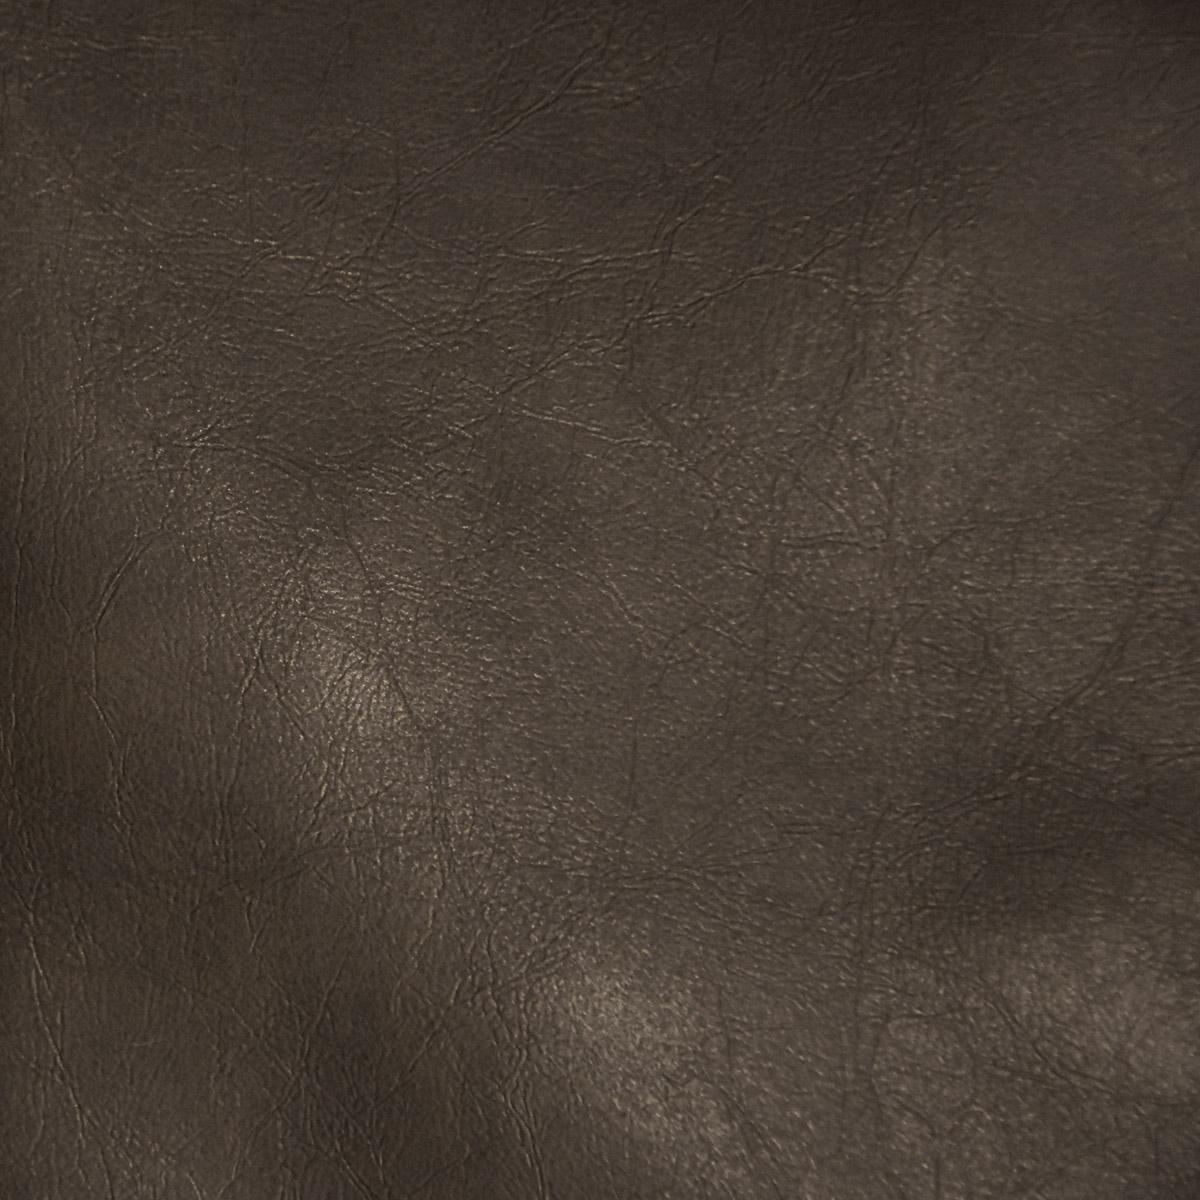 Kunstleder Polsterkunstleder Lederimitat Bison 1,4m Breite